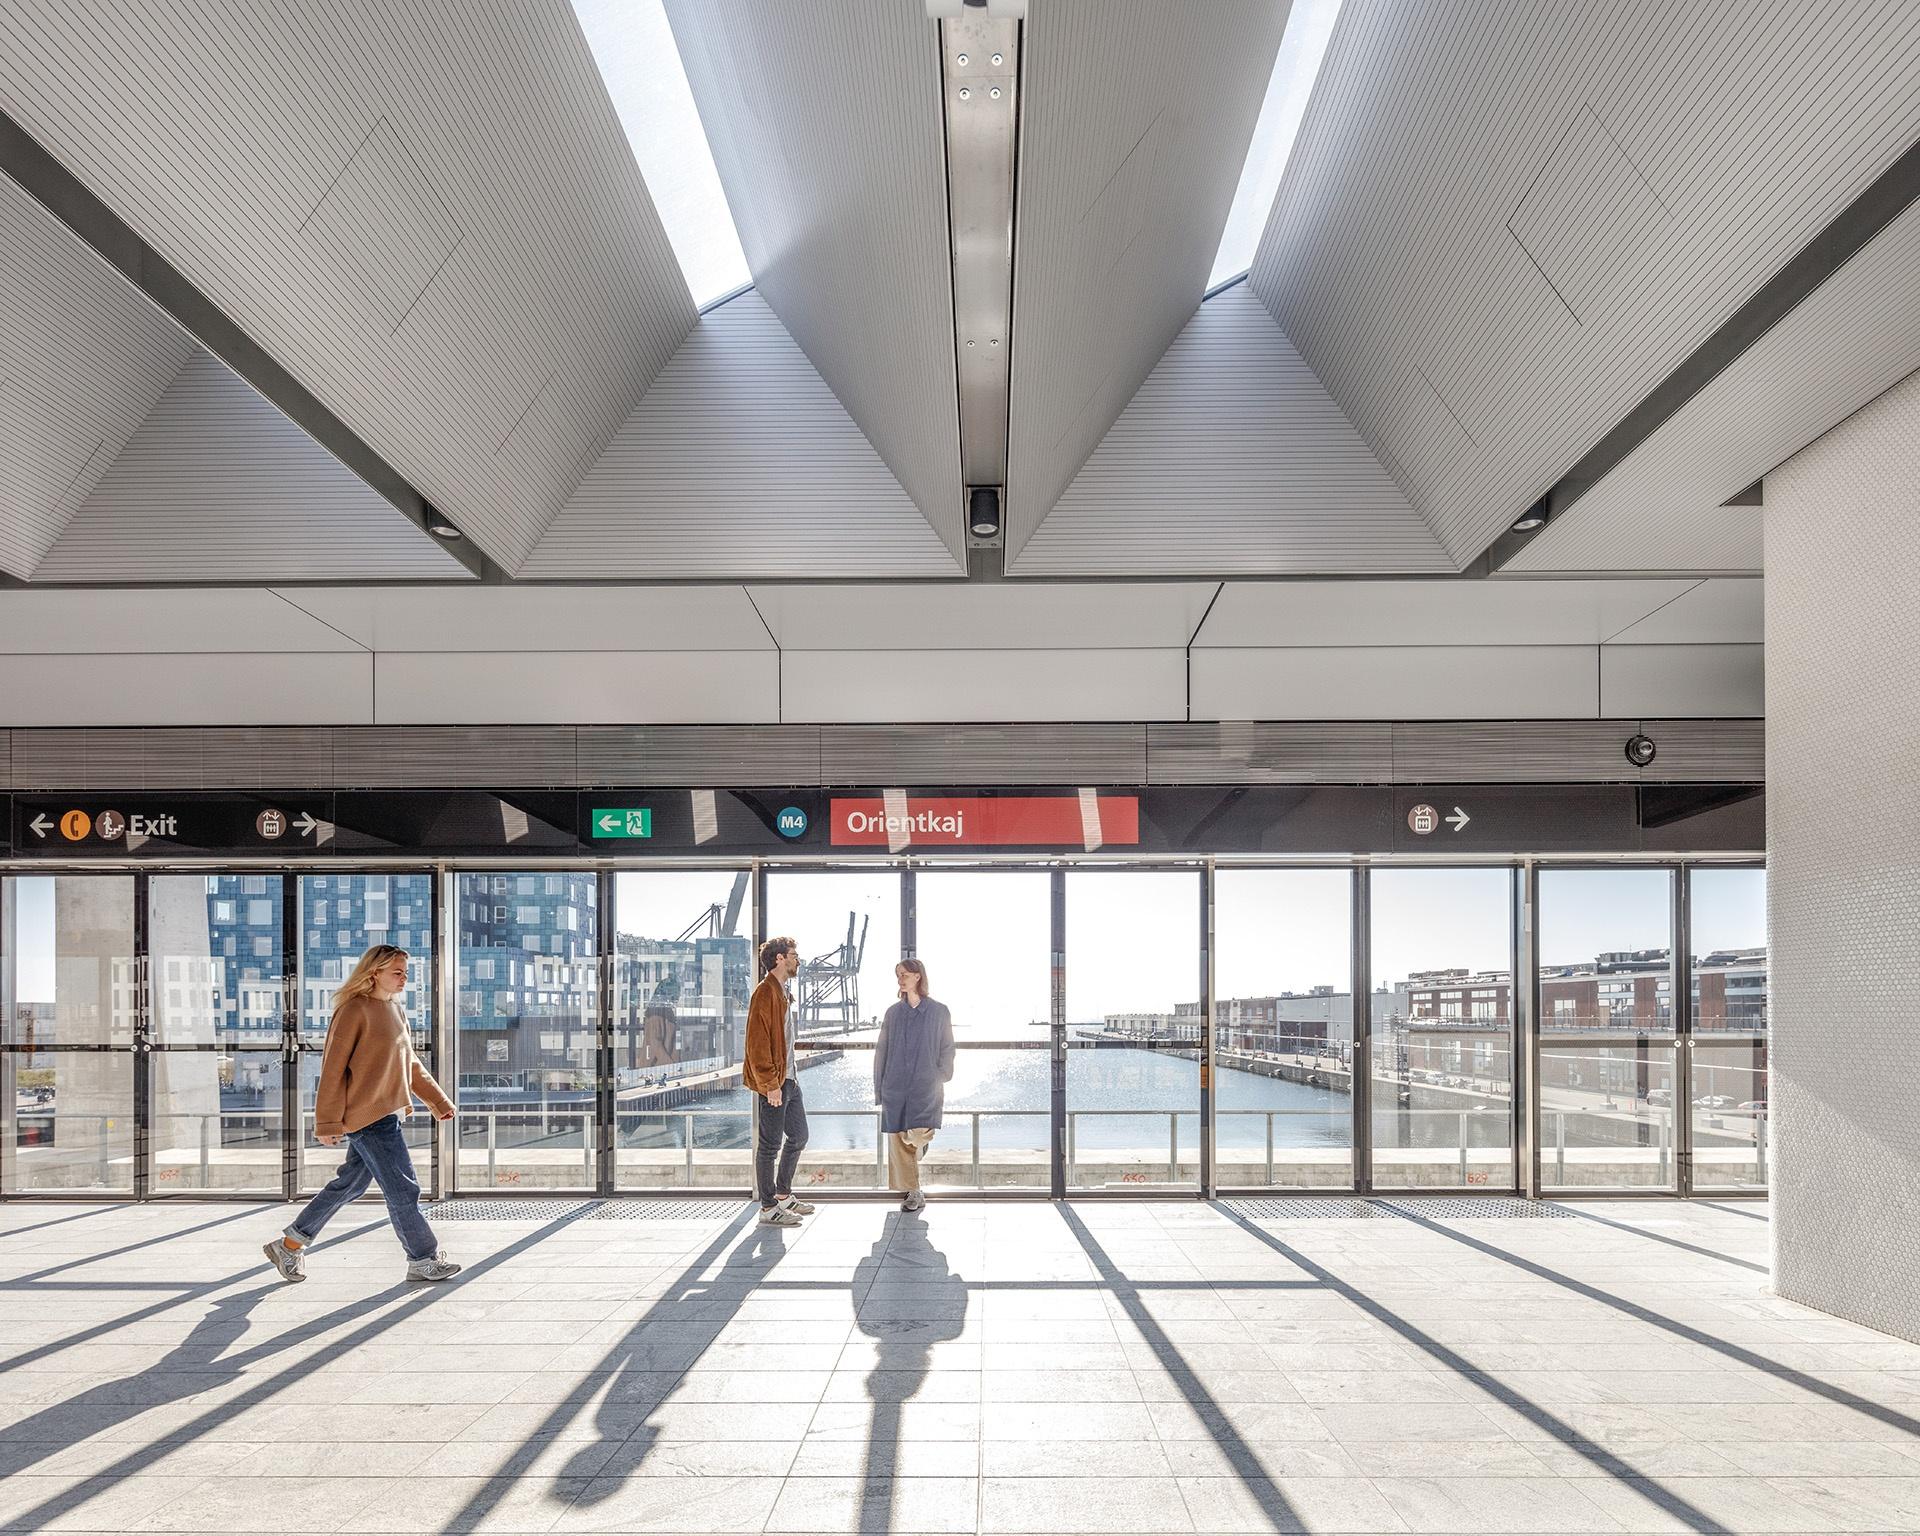 R_Hjortshoj - Metro Orientkaj WEB-24